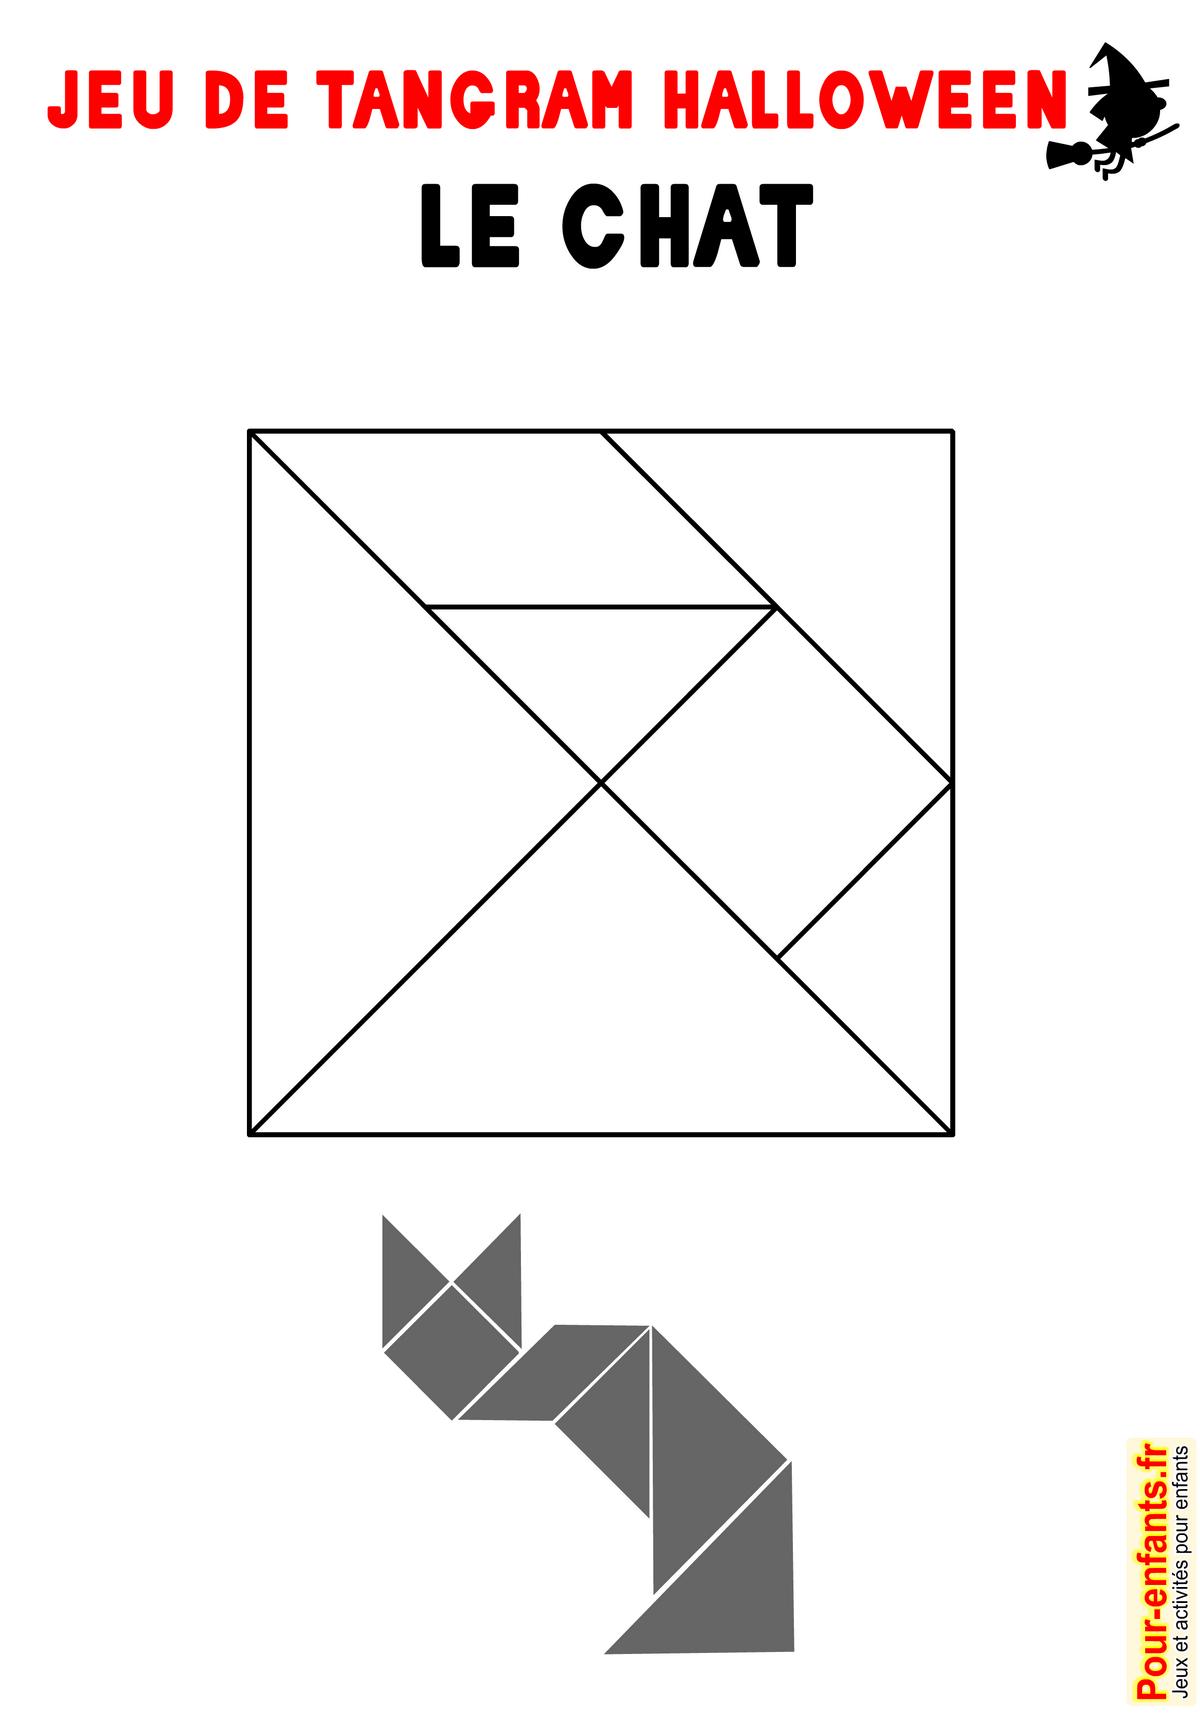 Jeu De Tangram À Imprimer Chat Halloween Imprimable Gratuit tout Tangram Moyenne Section